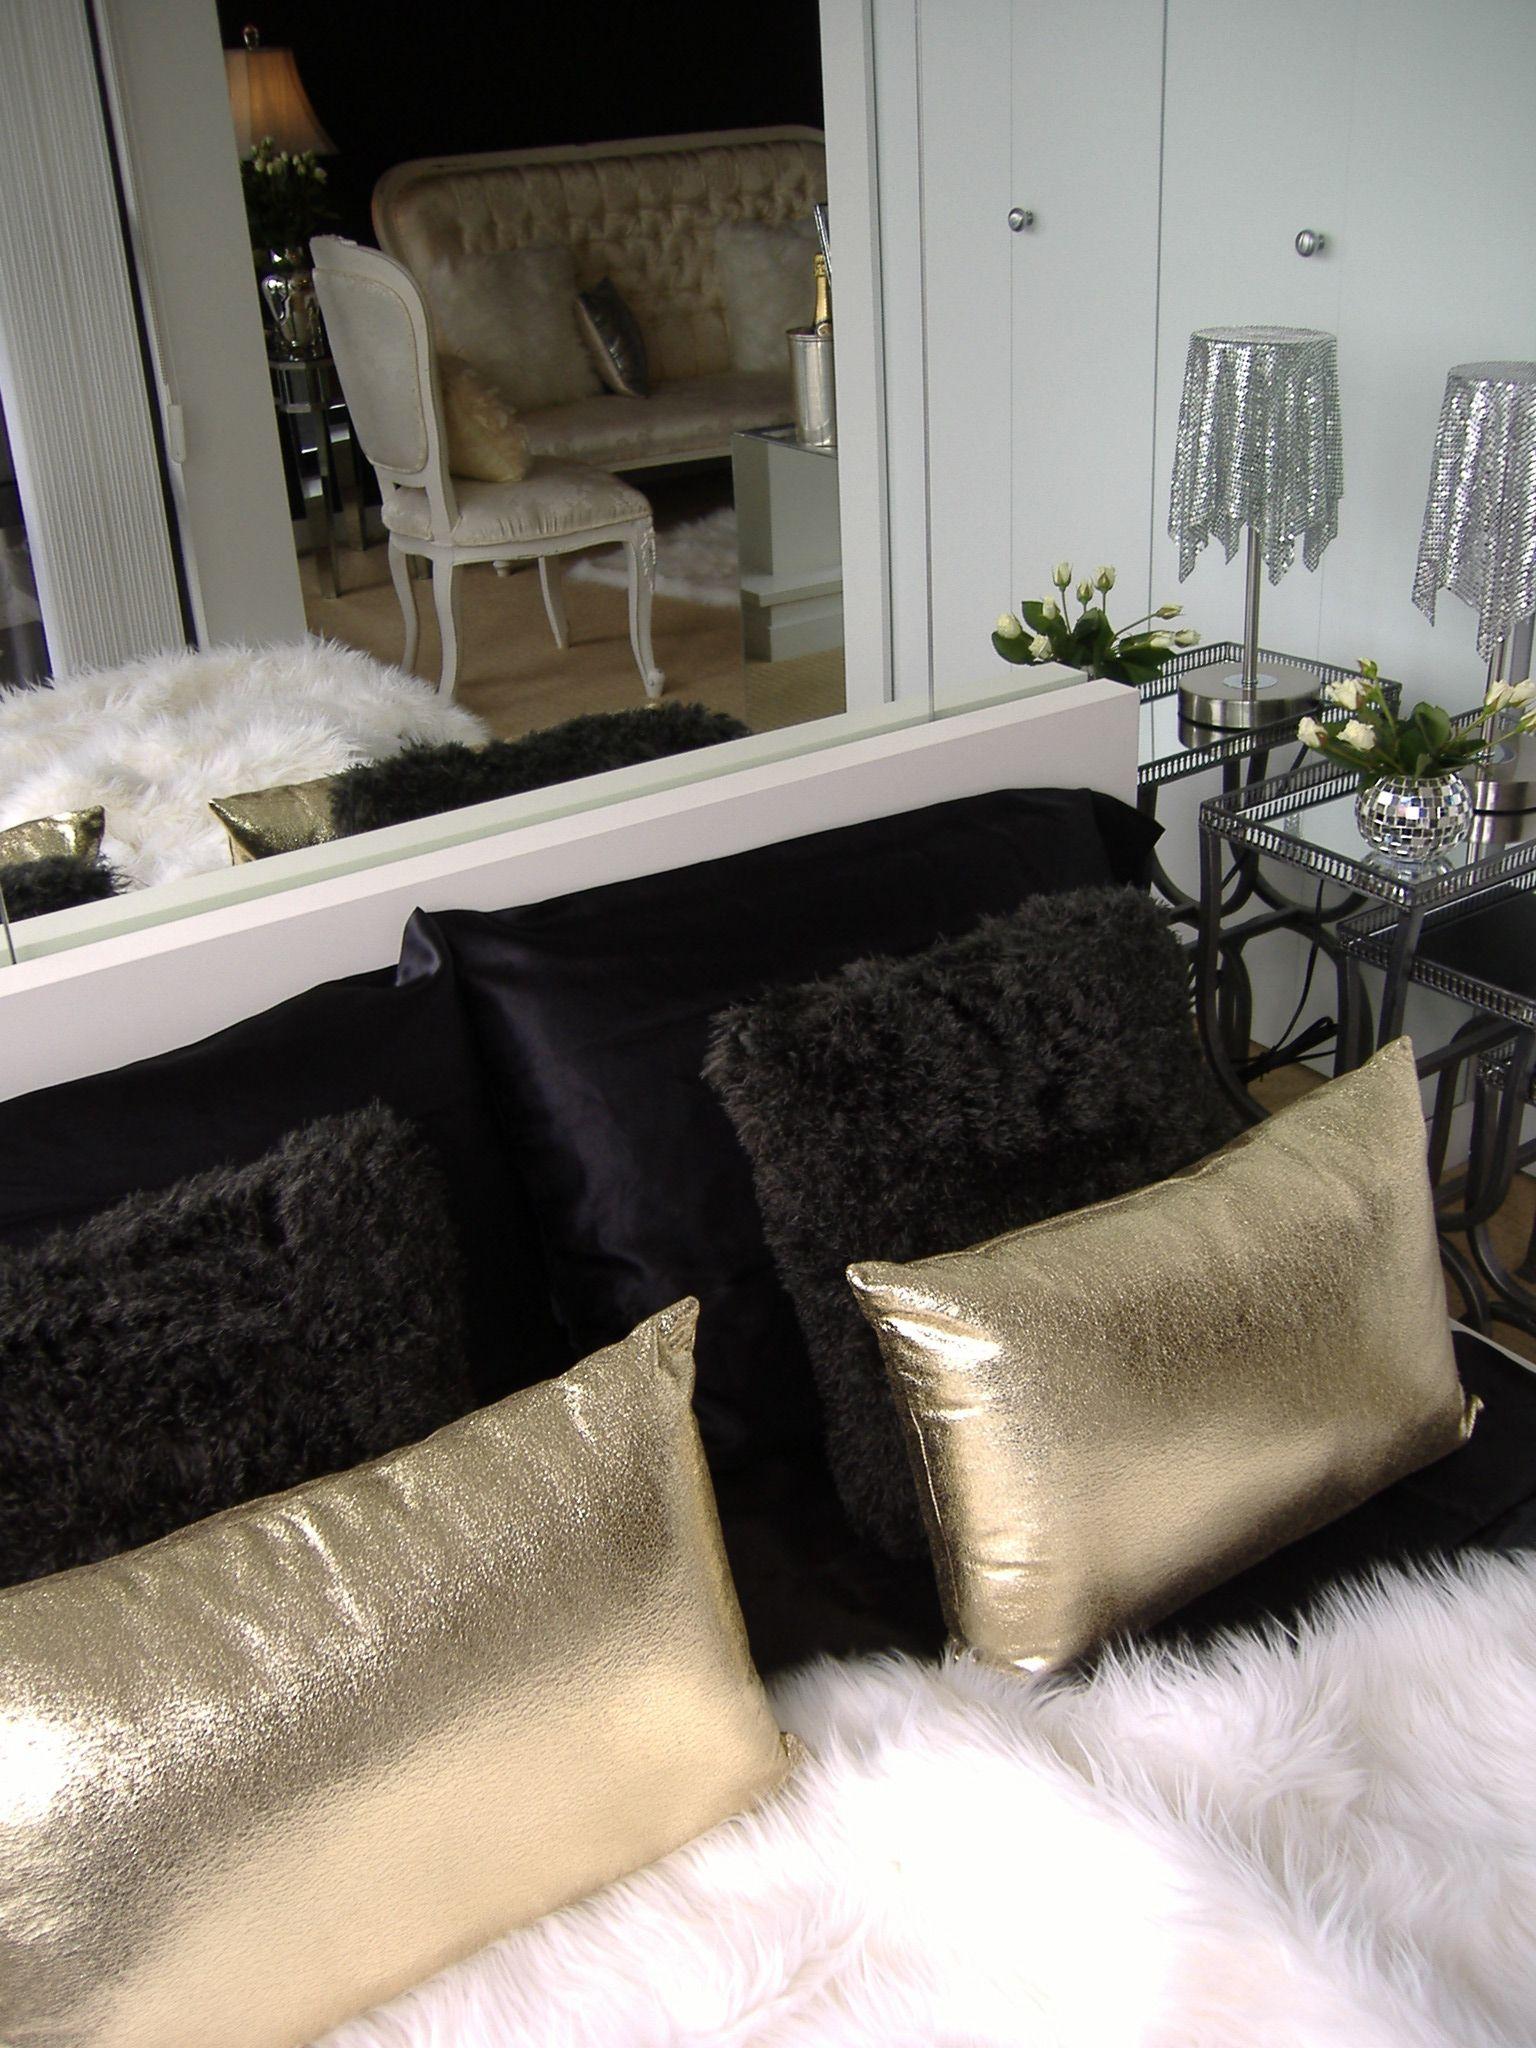 Gold finger inspired bed dressing black satin sheets black fur